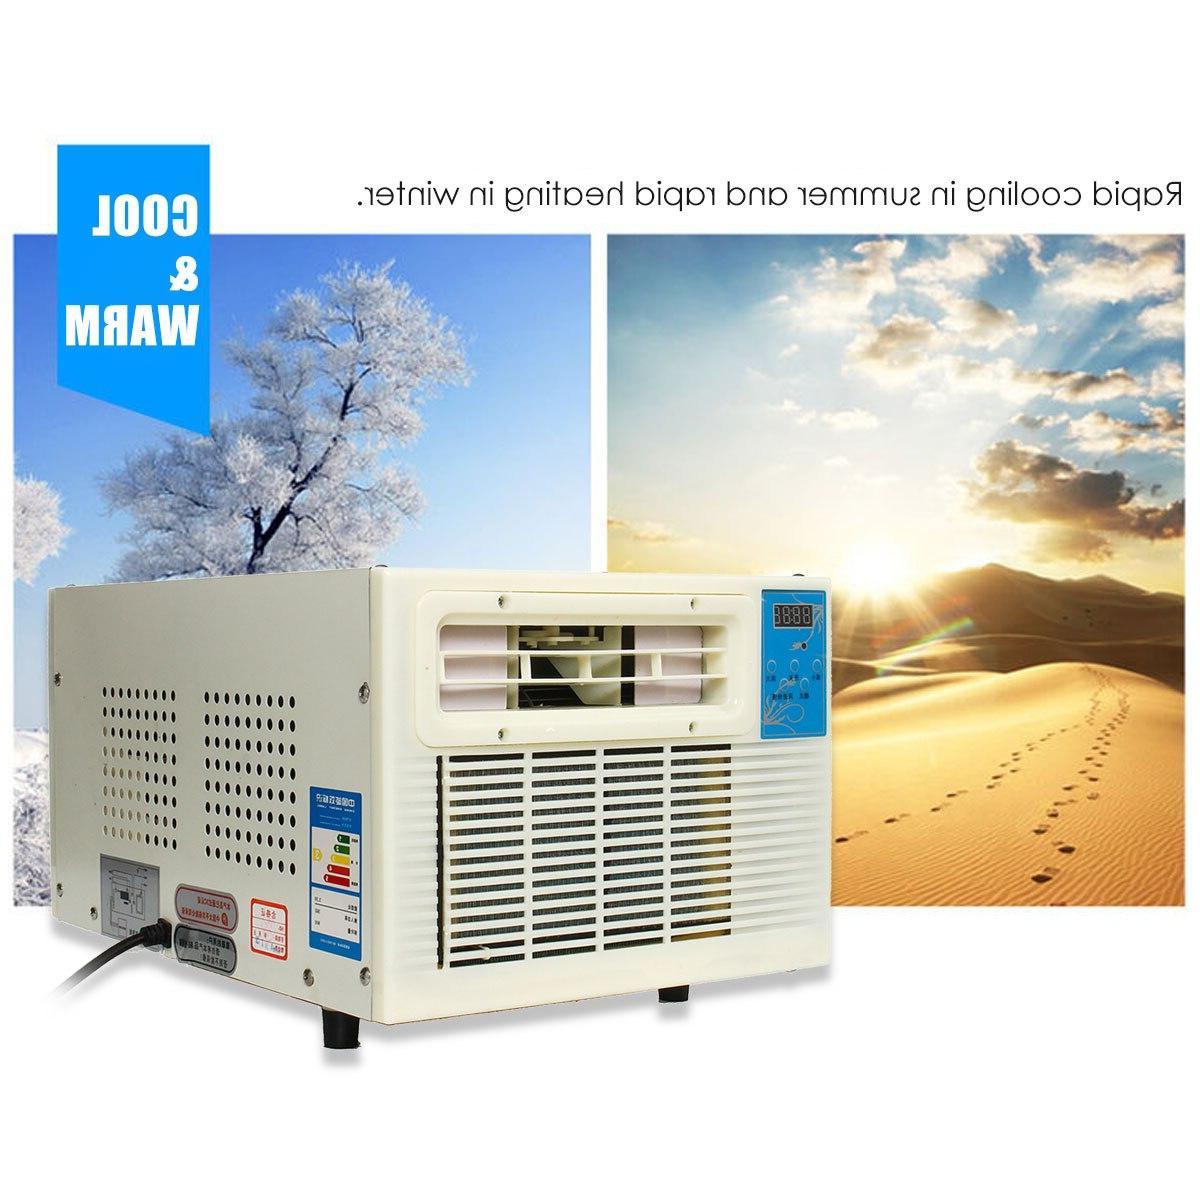 900W 220V <font><b>Heater</b></font> <font><b>Air</b></font> <font><b>Conditioner</b></font> Desktop Cold/Heat Dual New